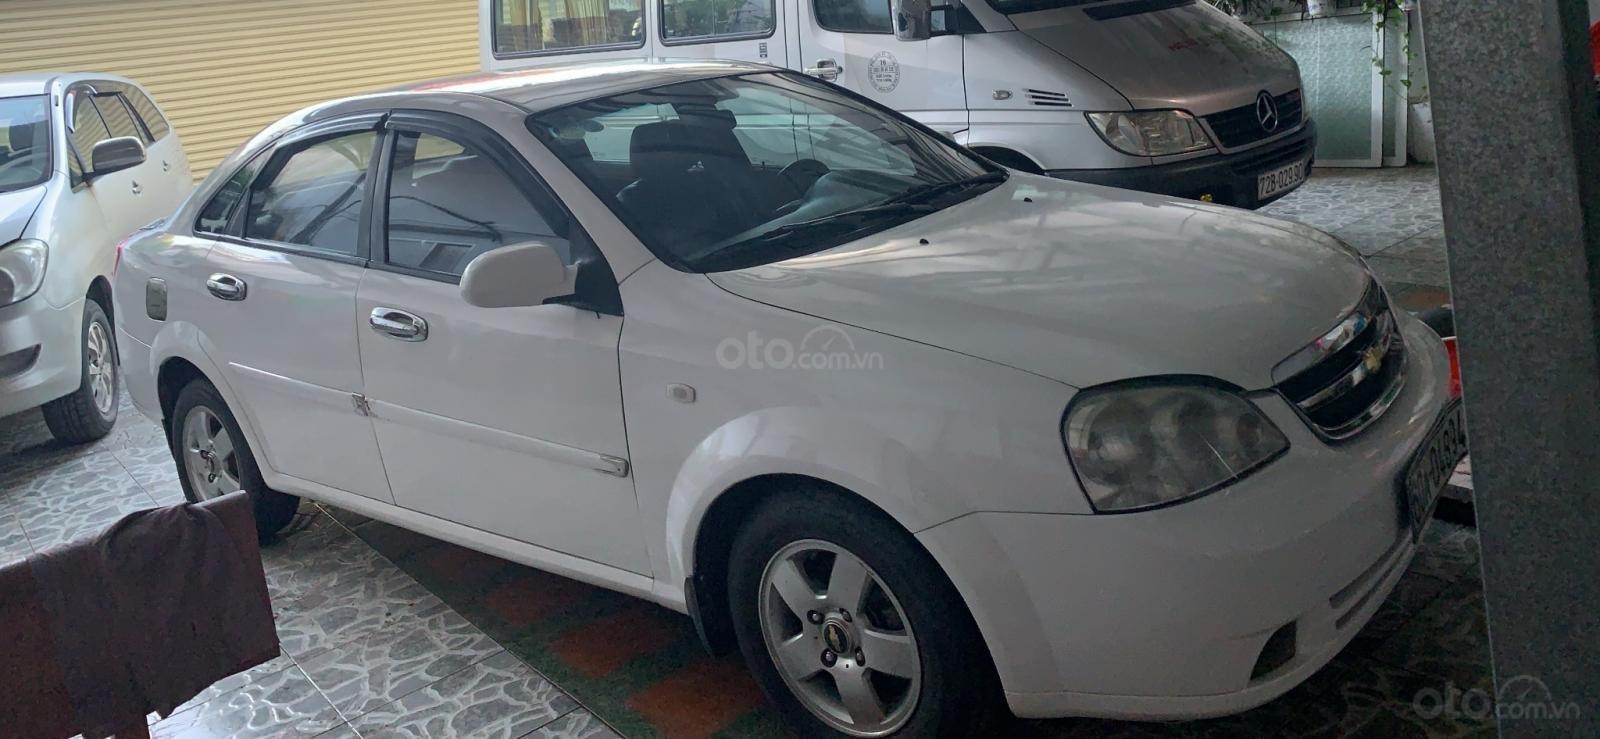 Bán ô tô Chevrolet Lacetti sản xuất năm 2011, màu trắng (1)